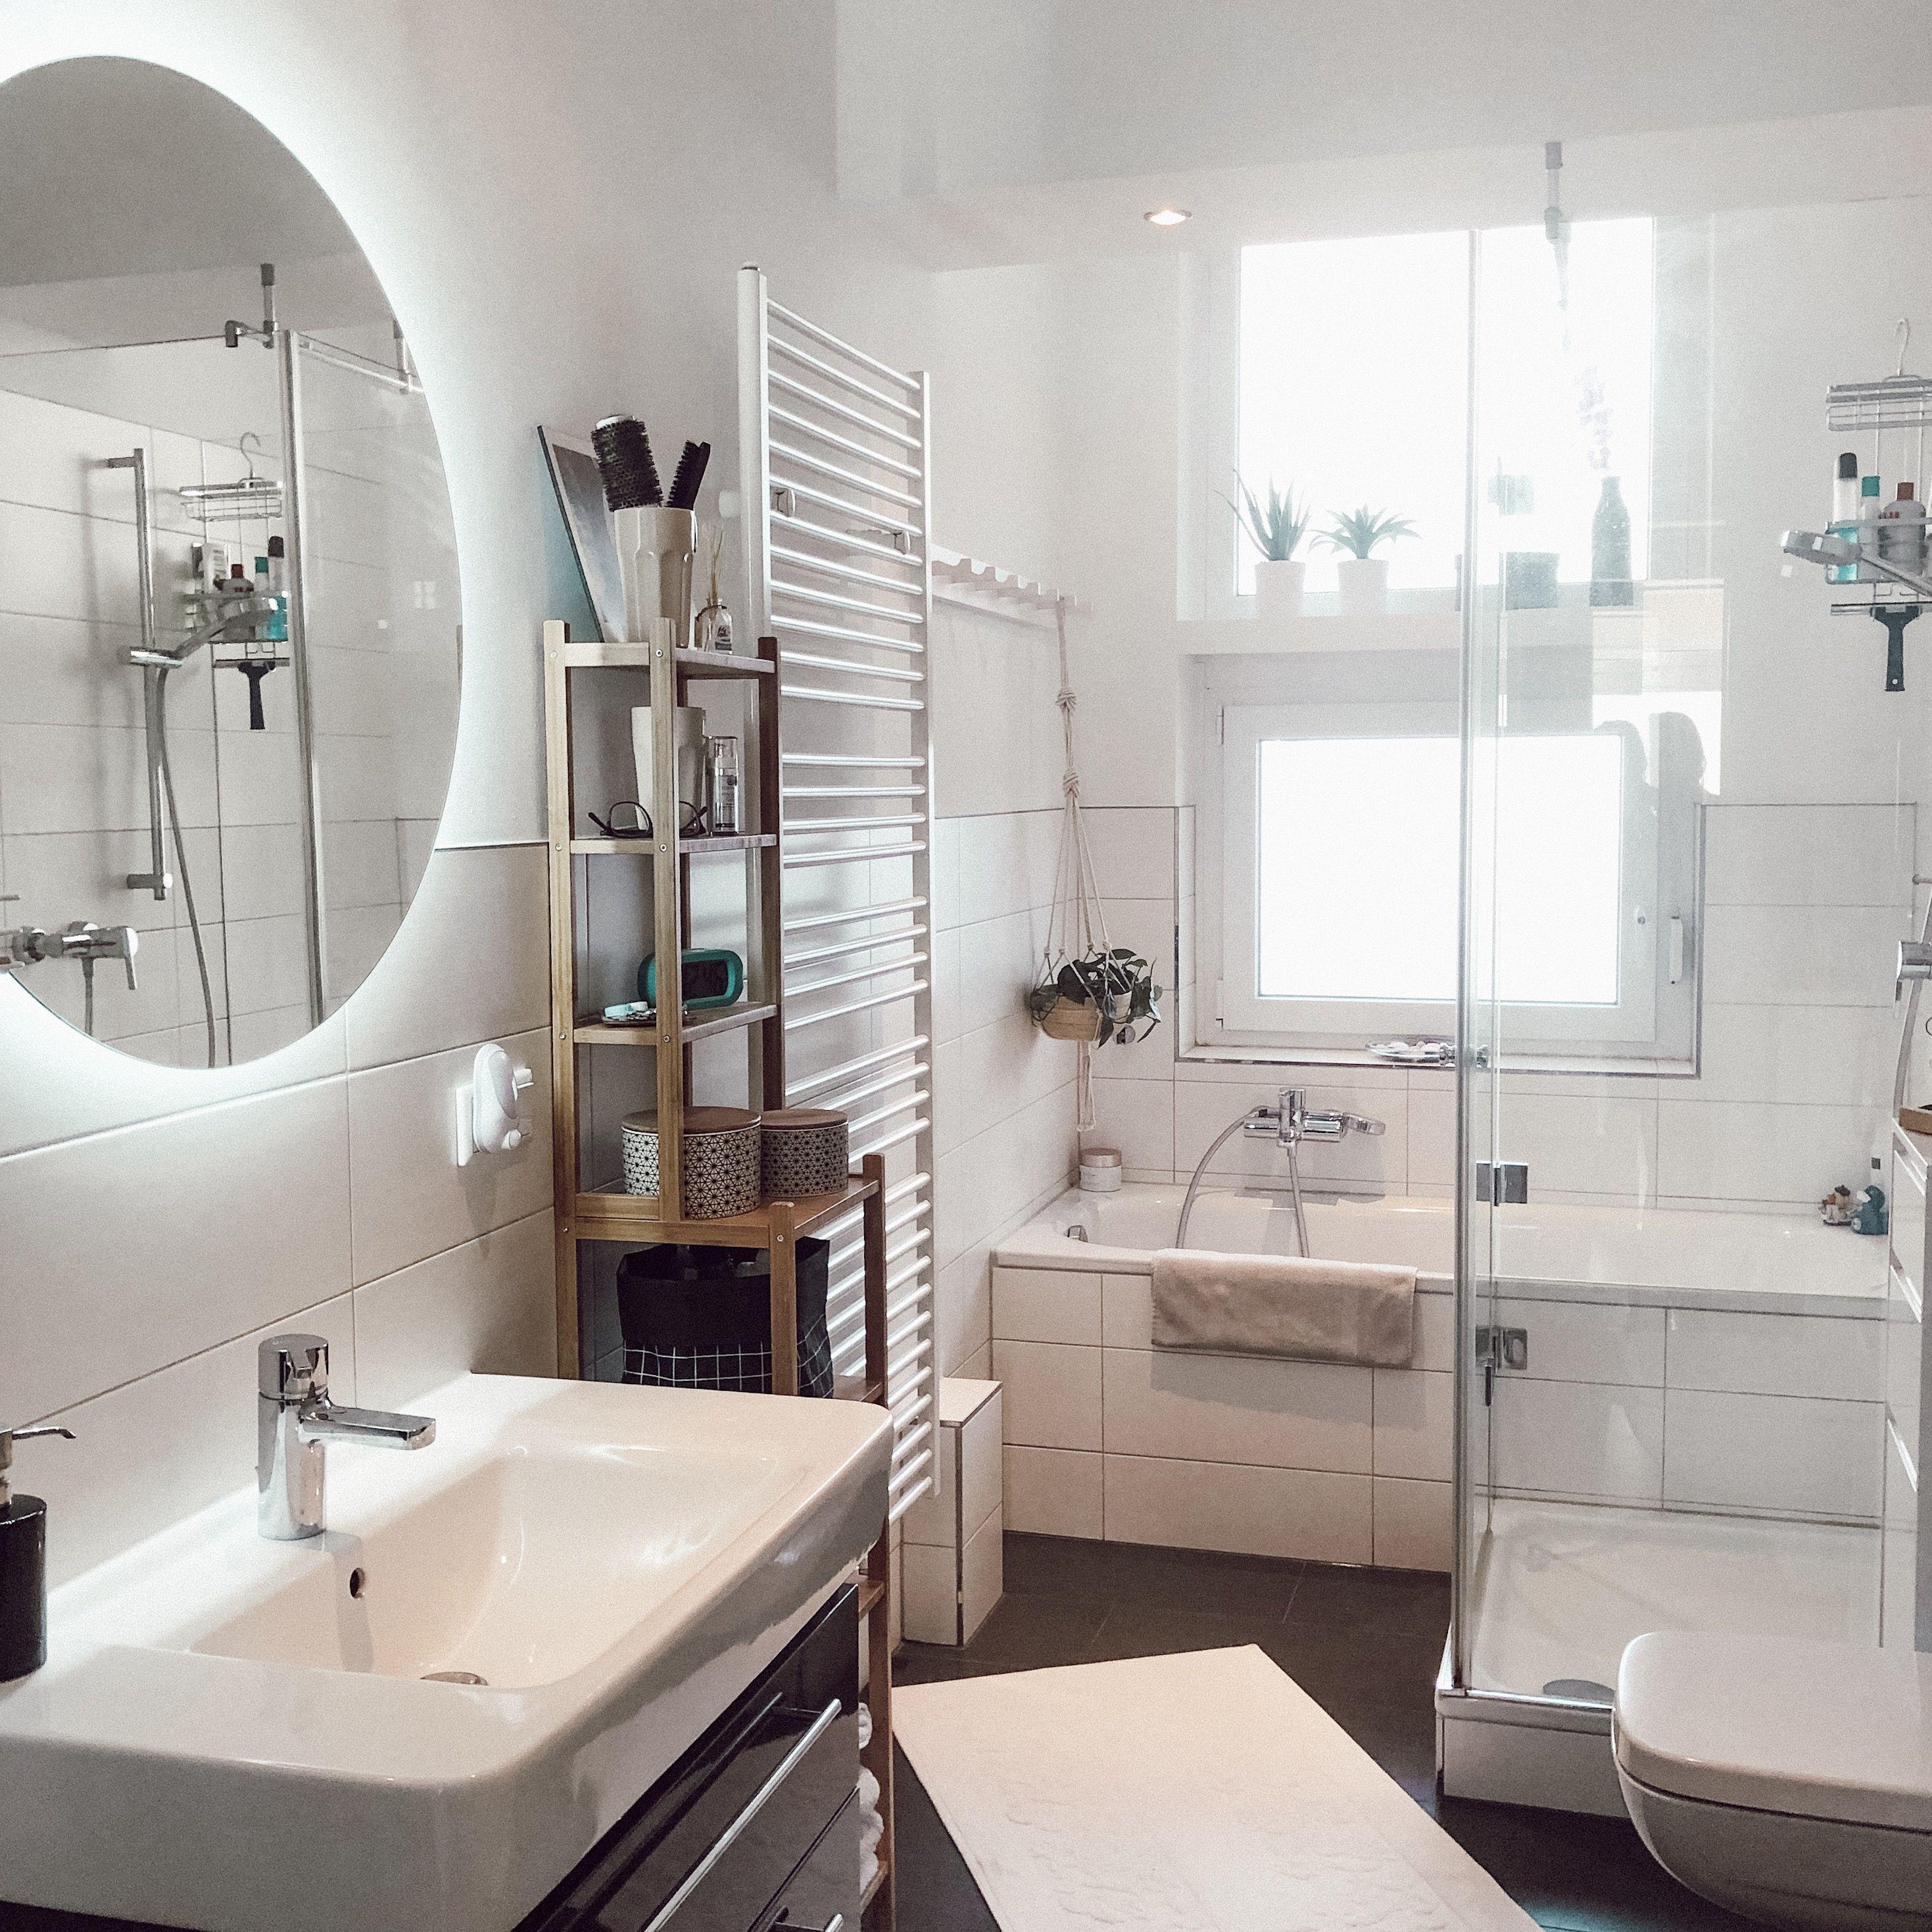 Badezimmer Runder Spiegel Dusche Badewanne Altbau Bathroom Mirror Bathroom Design Bathroom